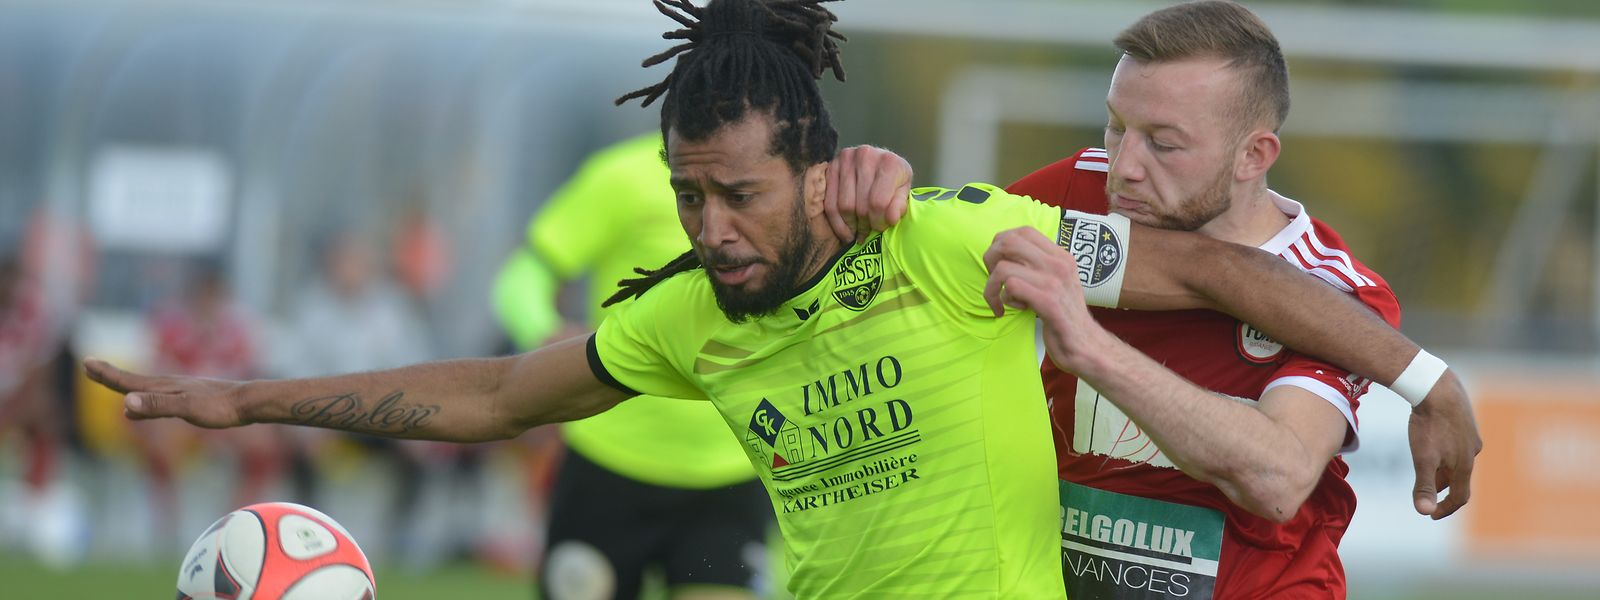 Nélito Carlos Esgaio Soares (en jaune) et Bissen sont en ballottage défavorable avant leur match capital à Junglinster